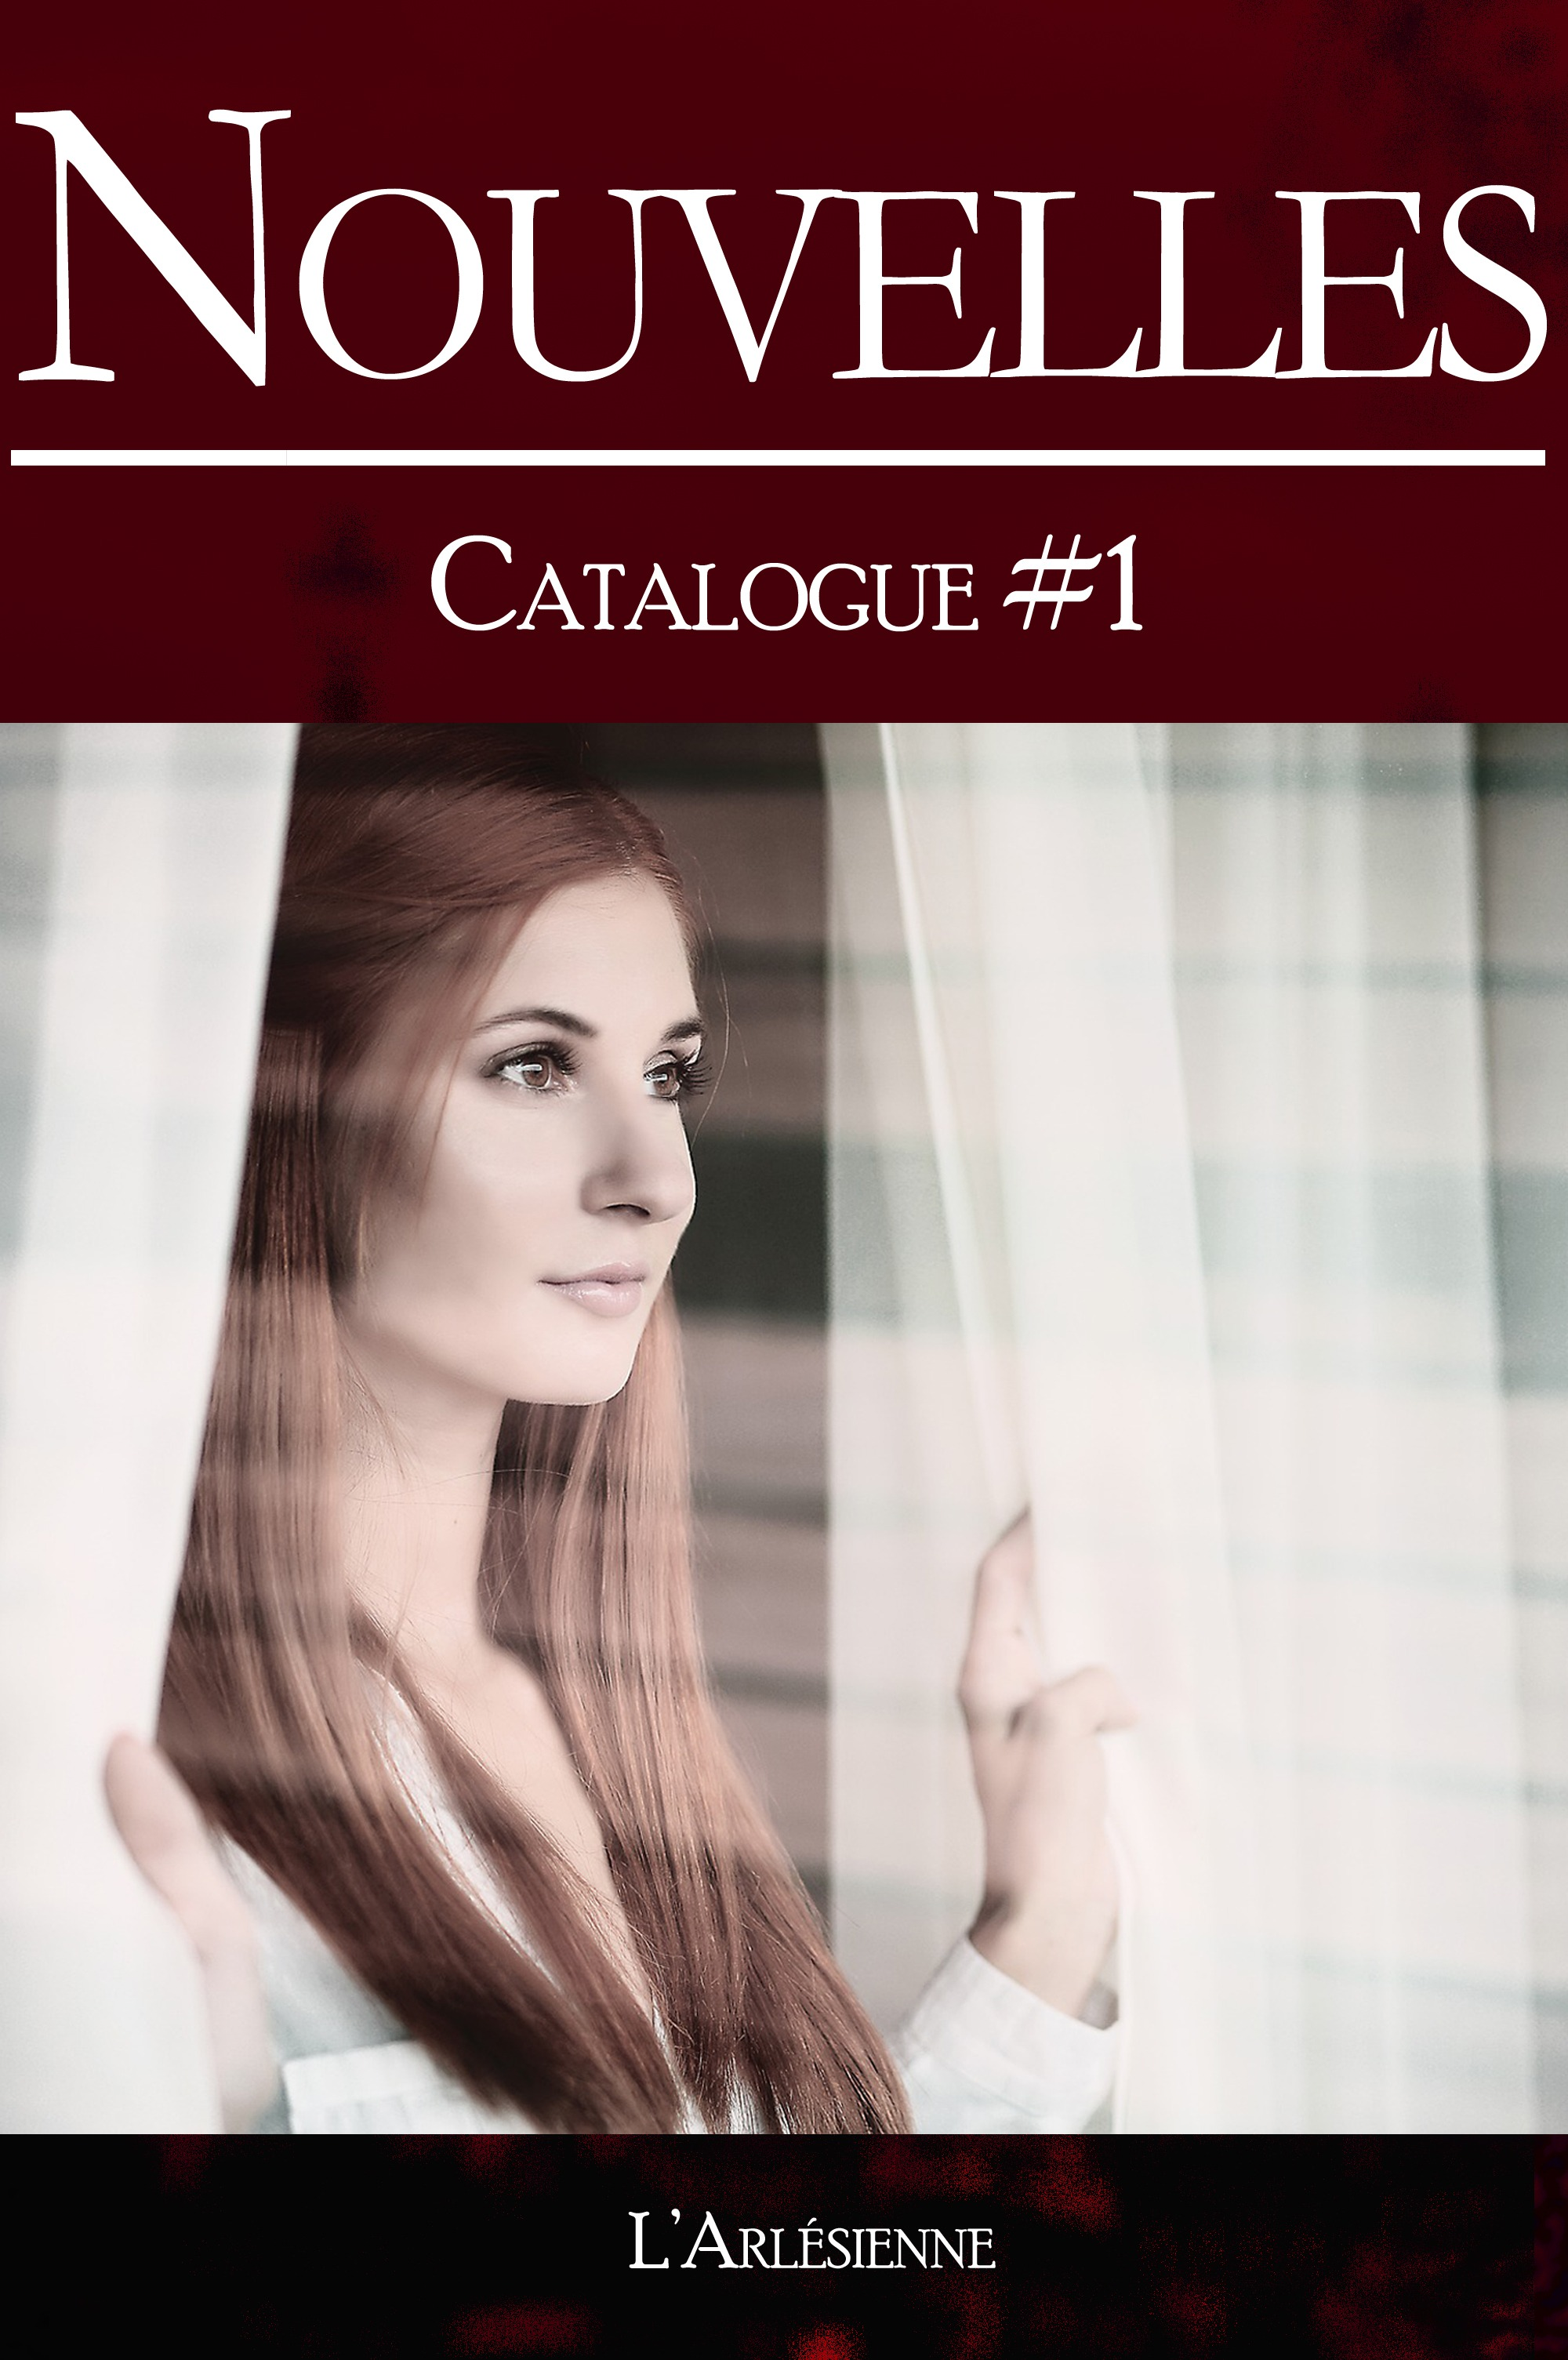 Nouvelles #1, CATALOGUE